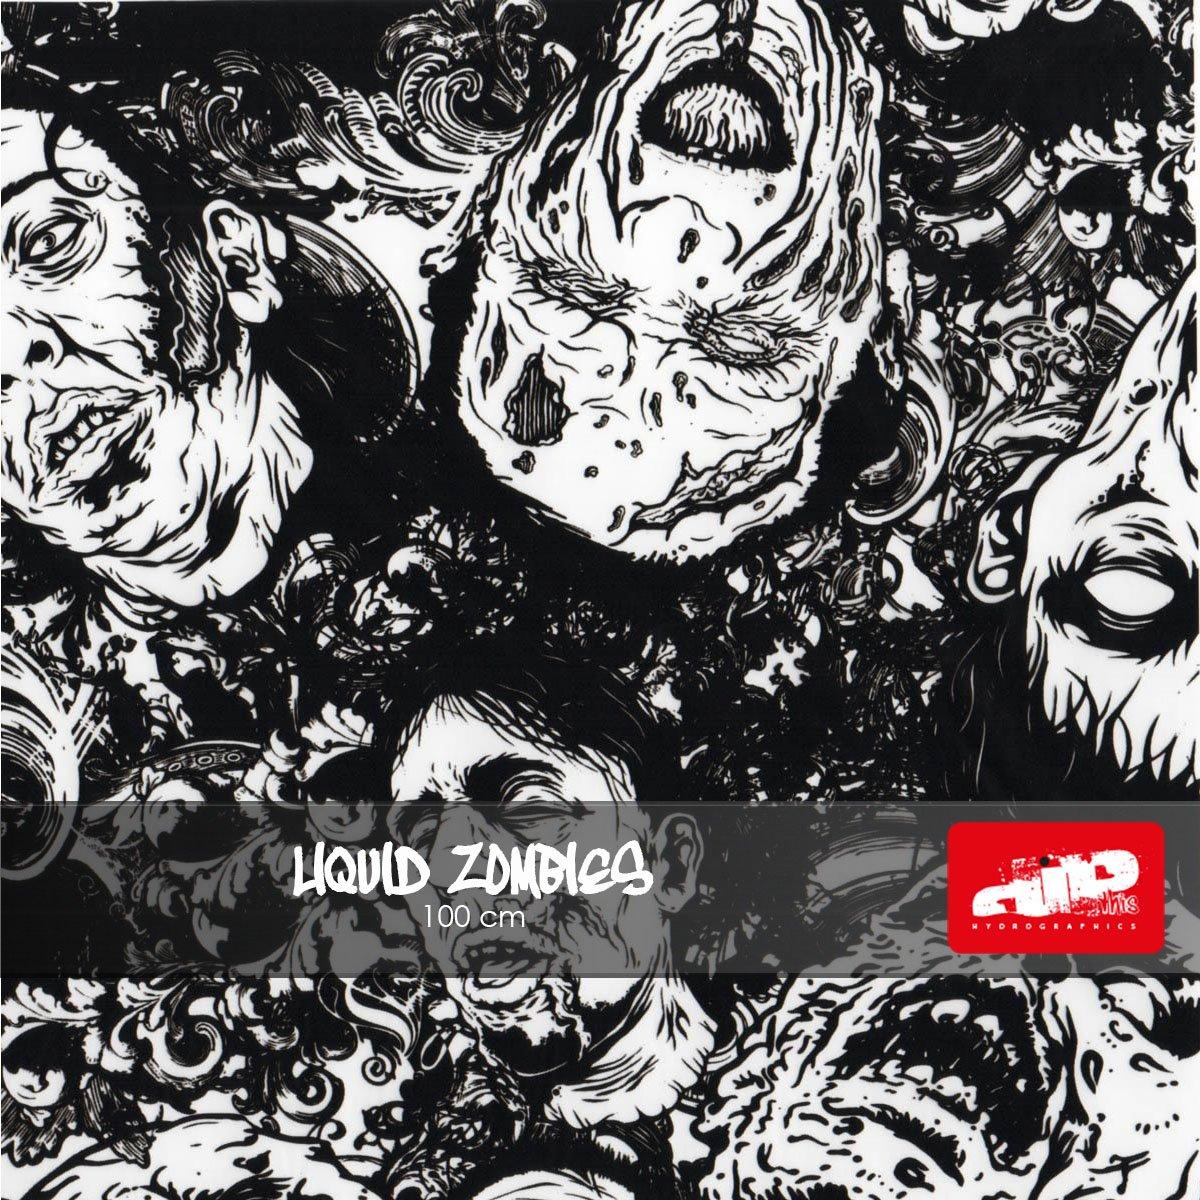 Liquid Zombies